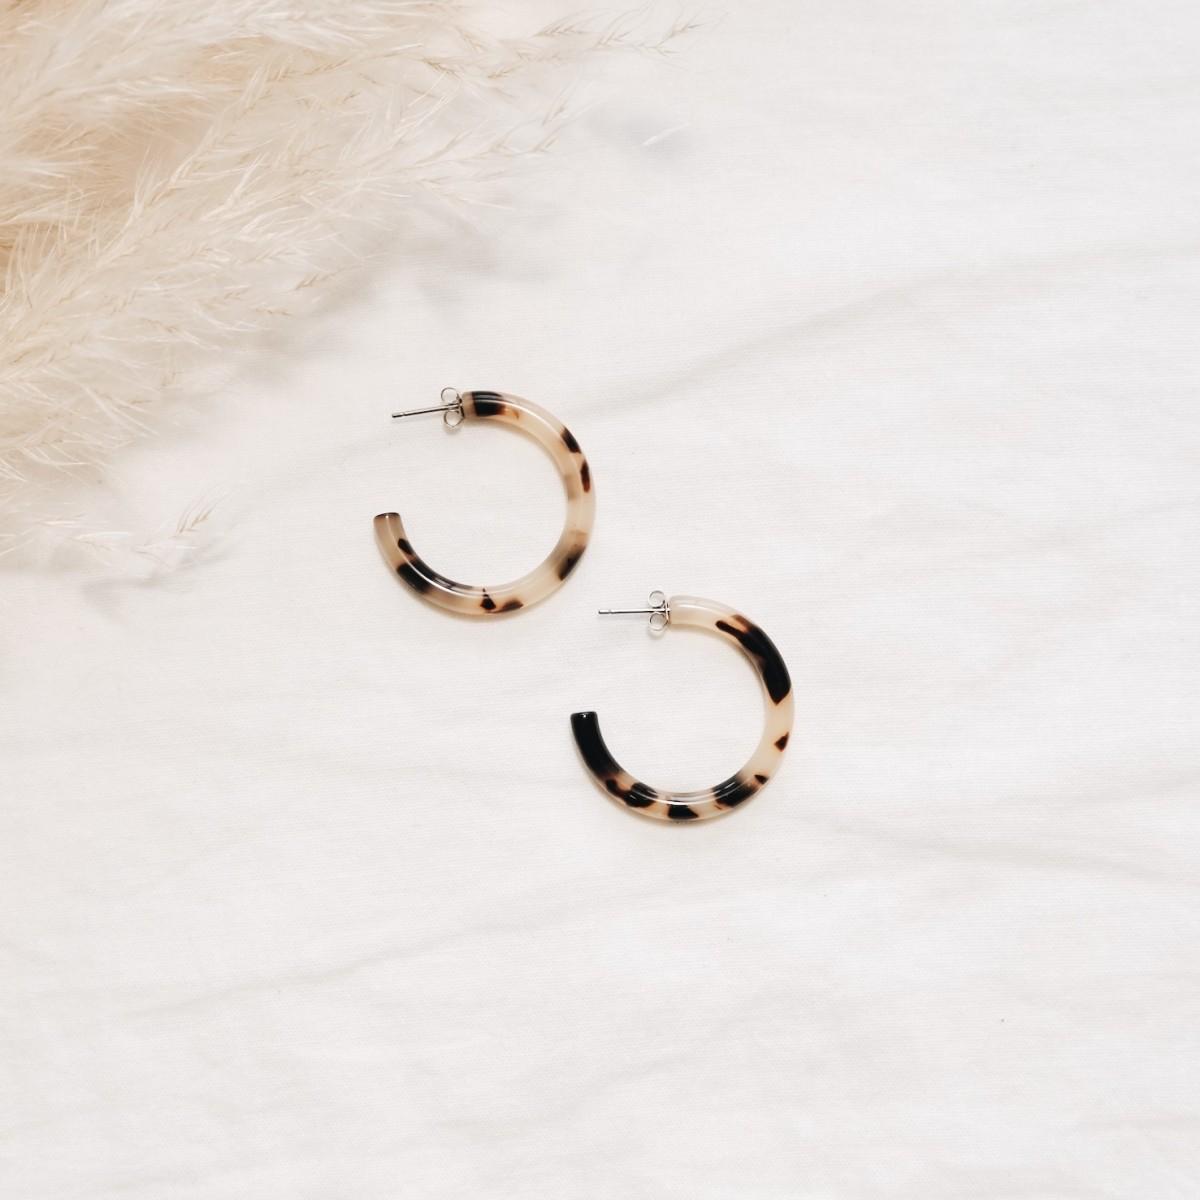 EVE+ ADIS // ACETAT HOOPS SMALL amber